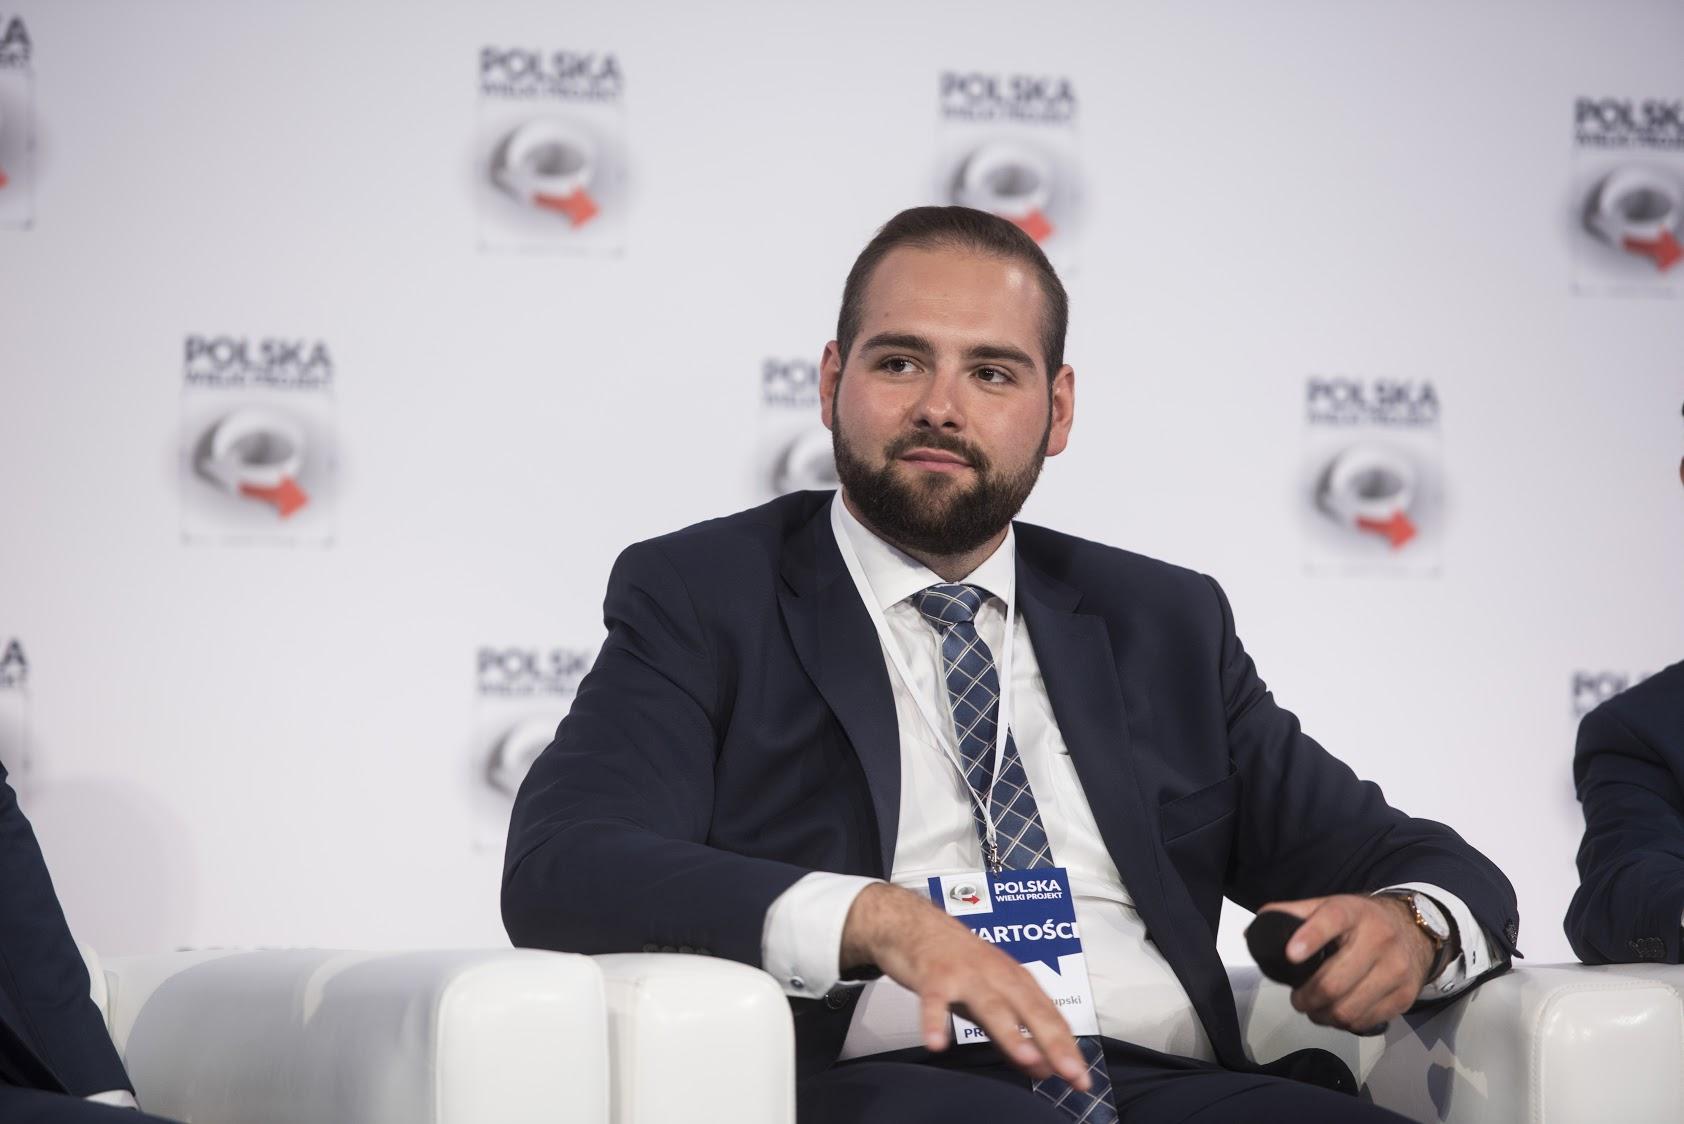 Tomasz Skorupski Kongres pwp